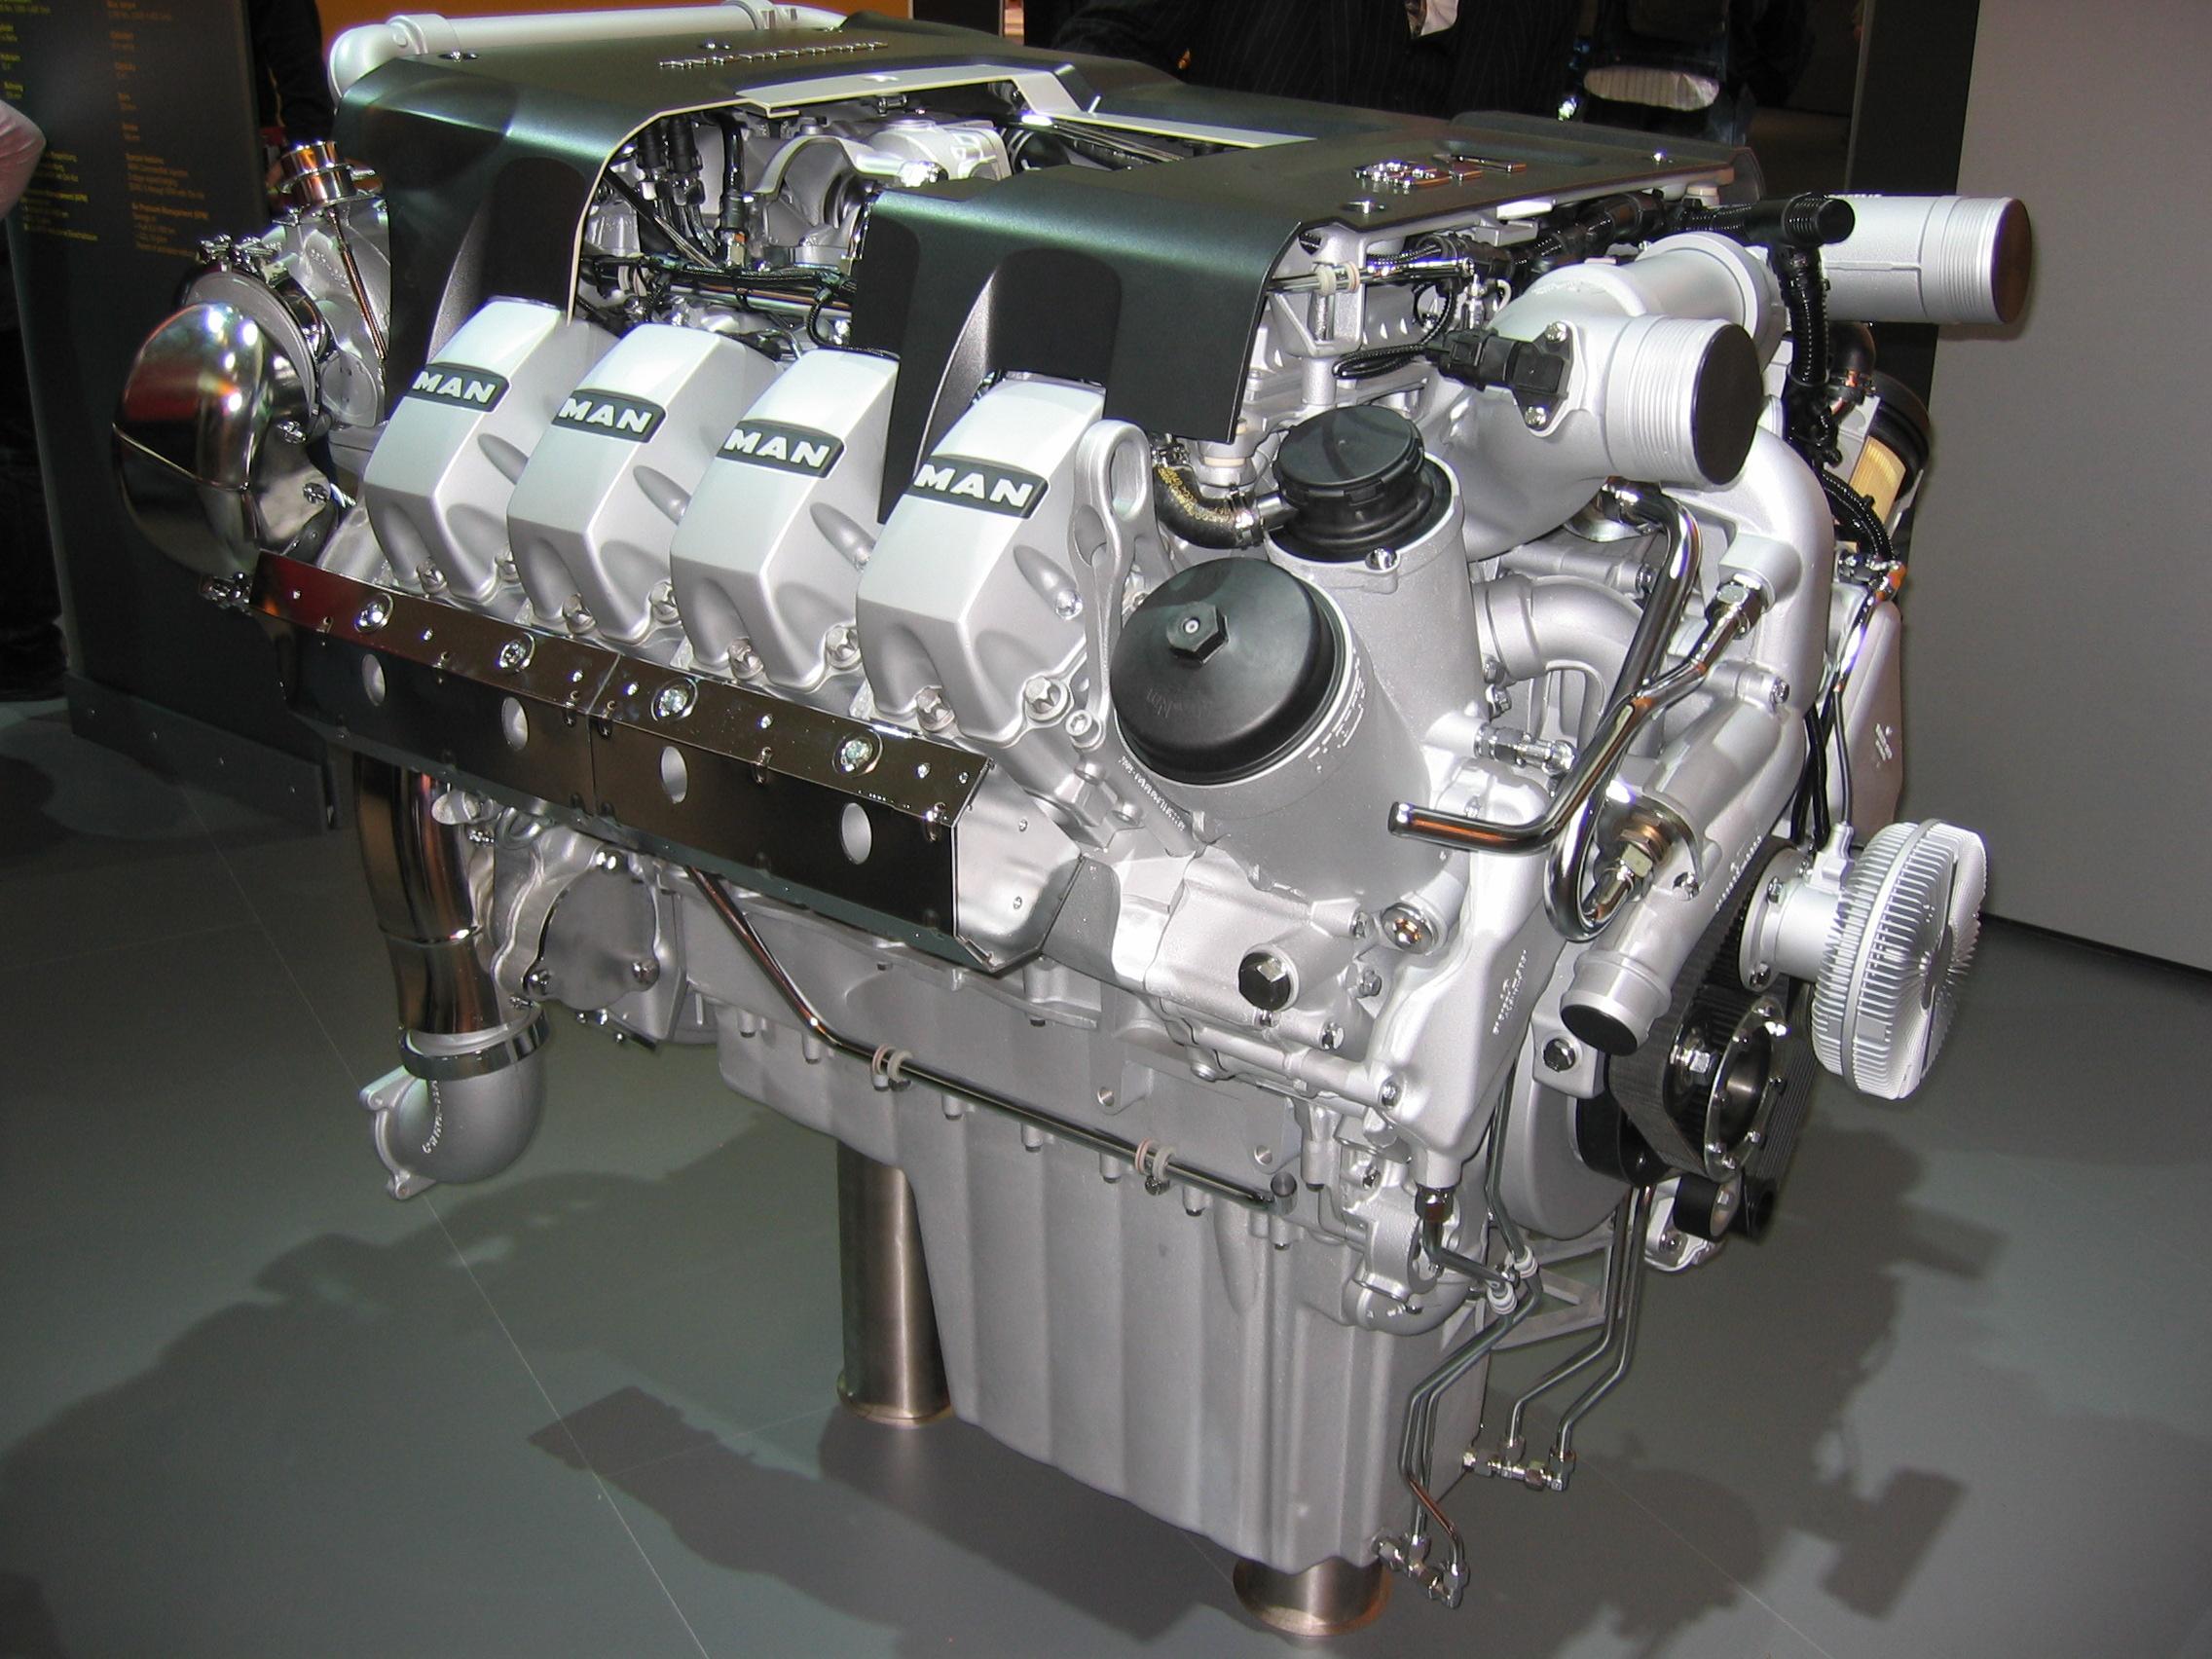 File Man V8 Motor Jpg Wikimedia Commons